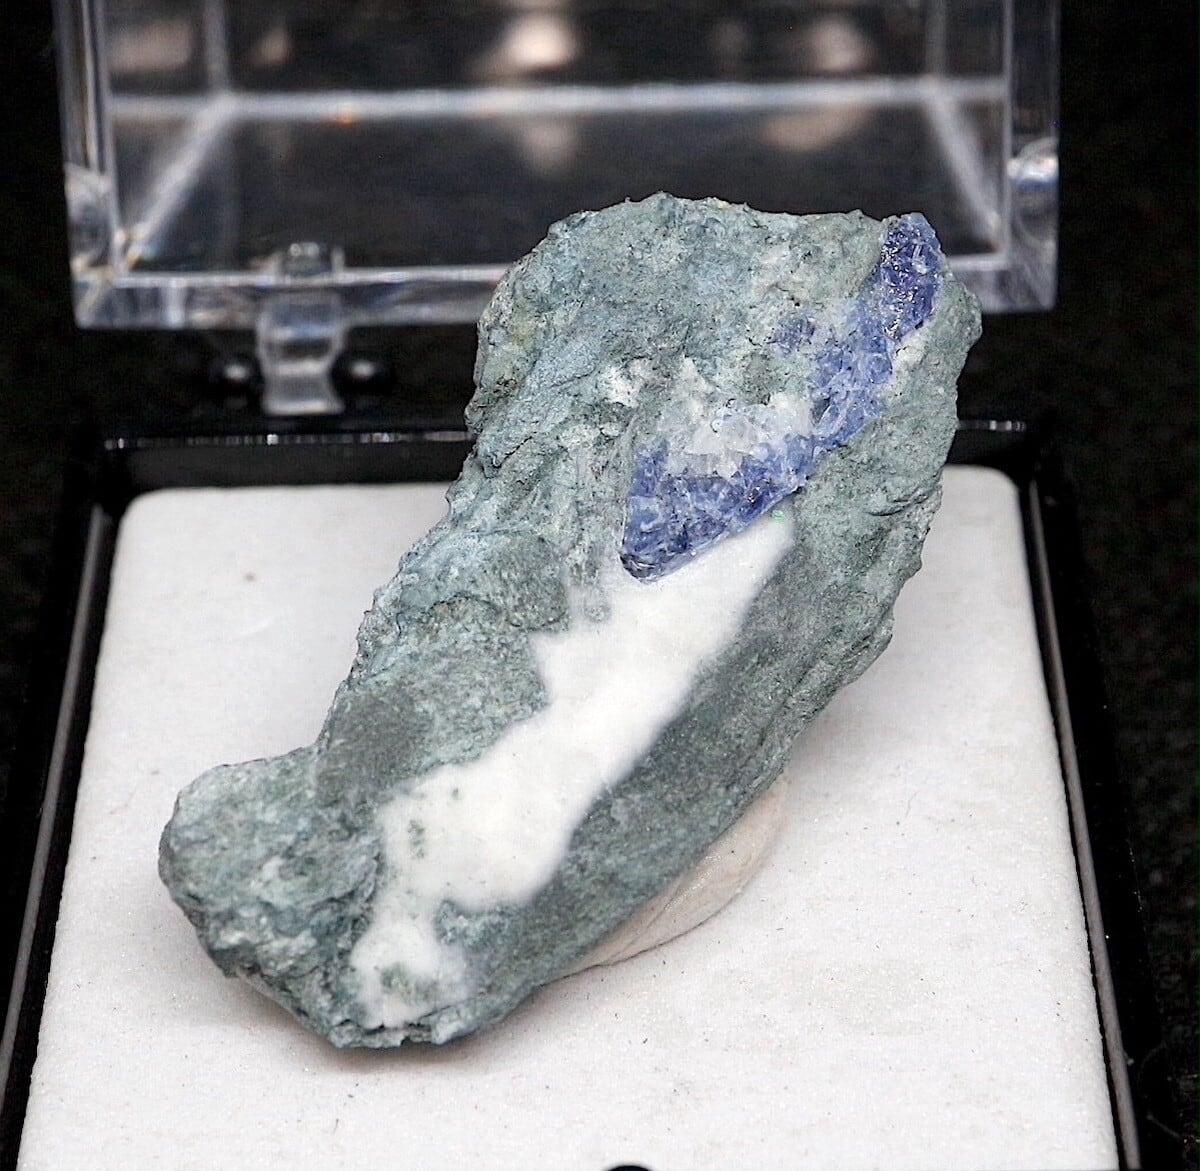 ベニトアイト ベニト石   ケース入り BN088  鉱物 天然石 パワーストーン 原石 標本